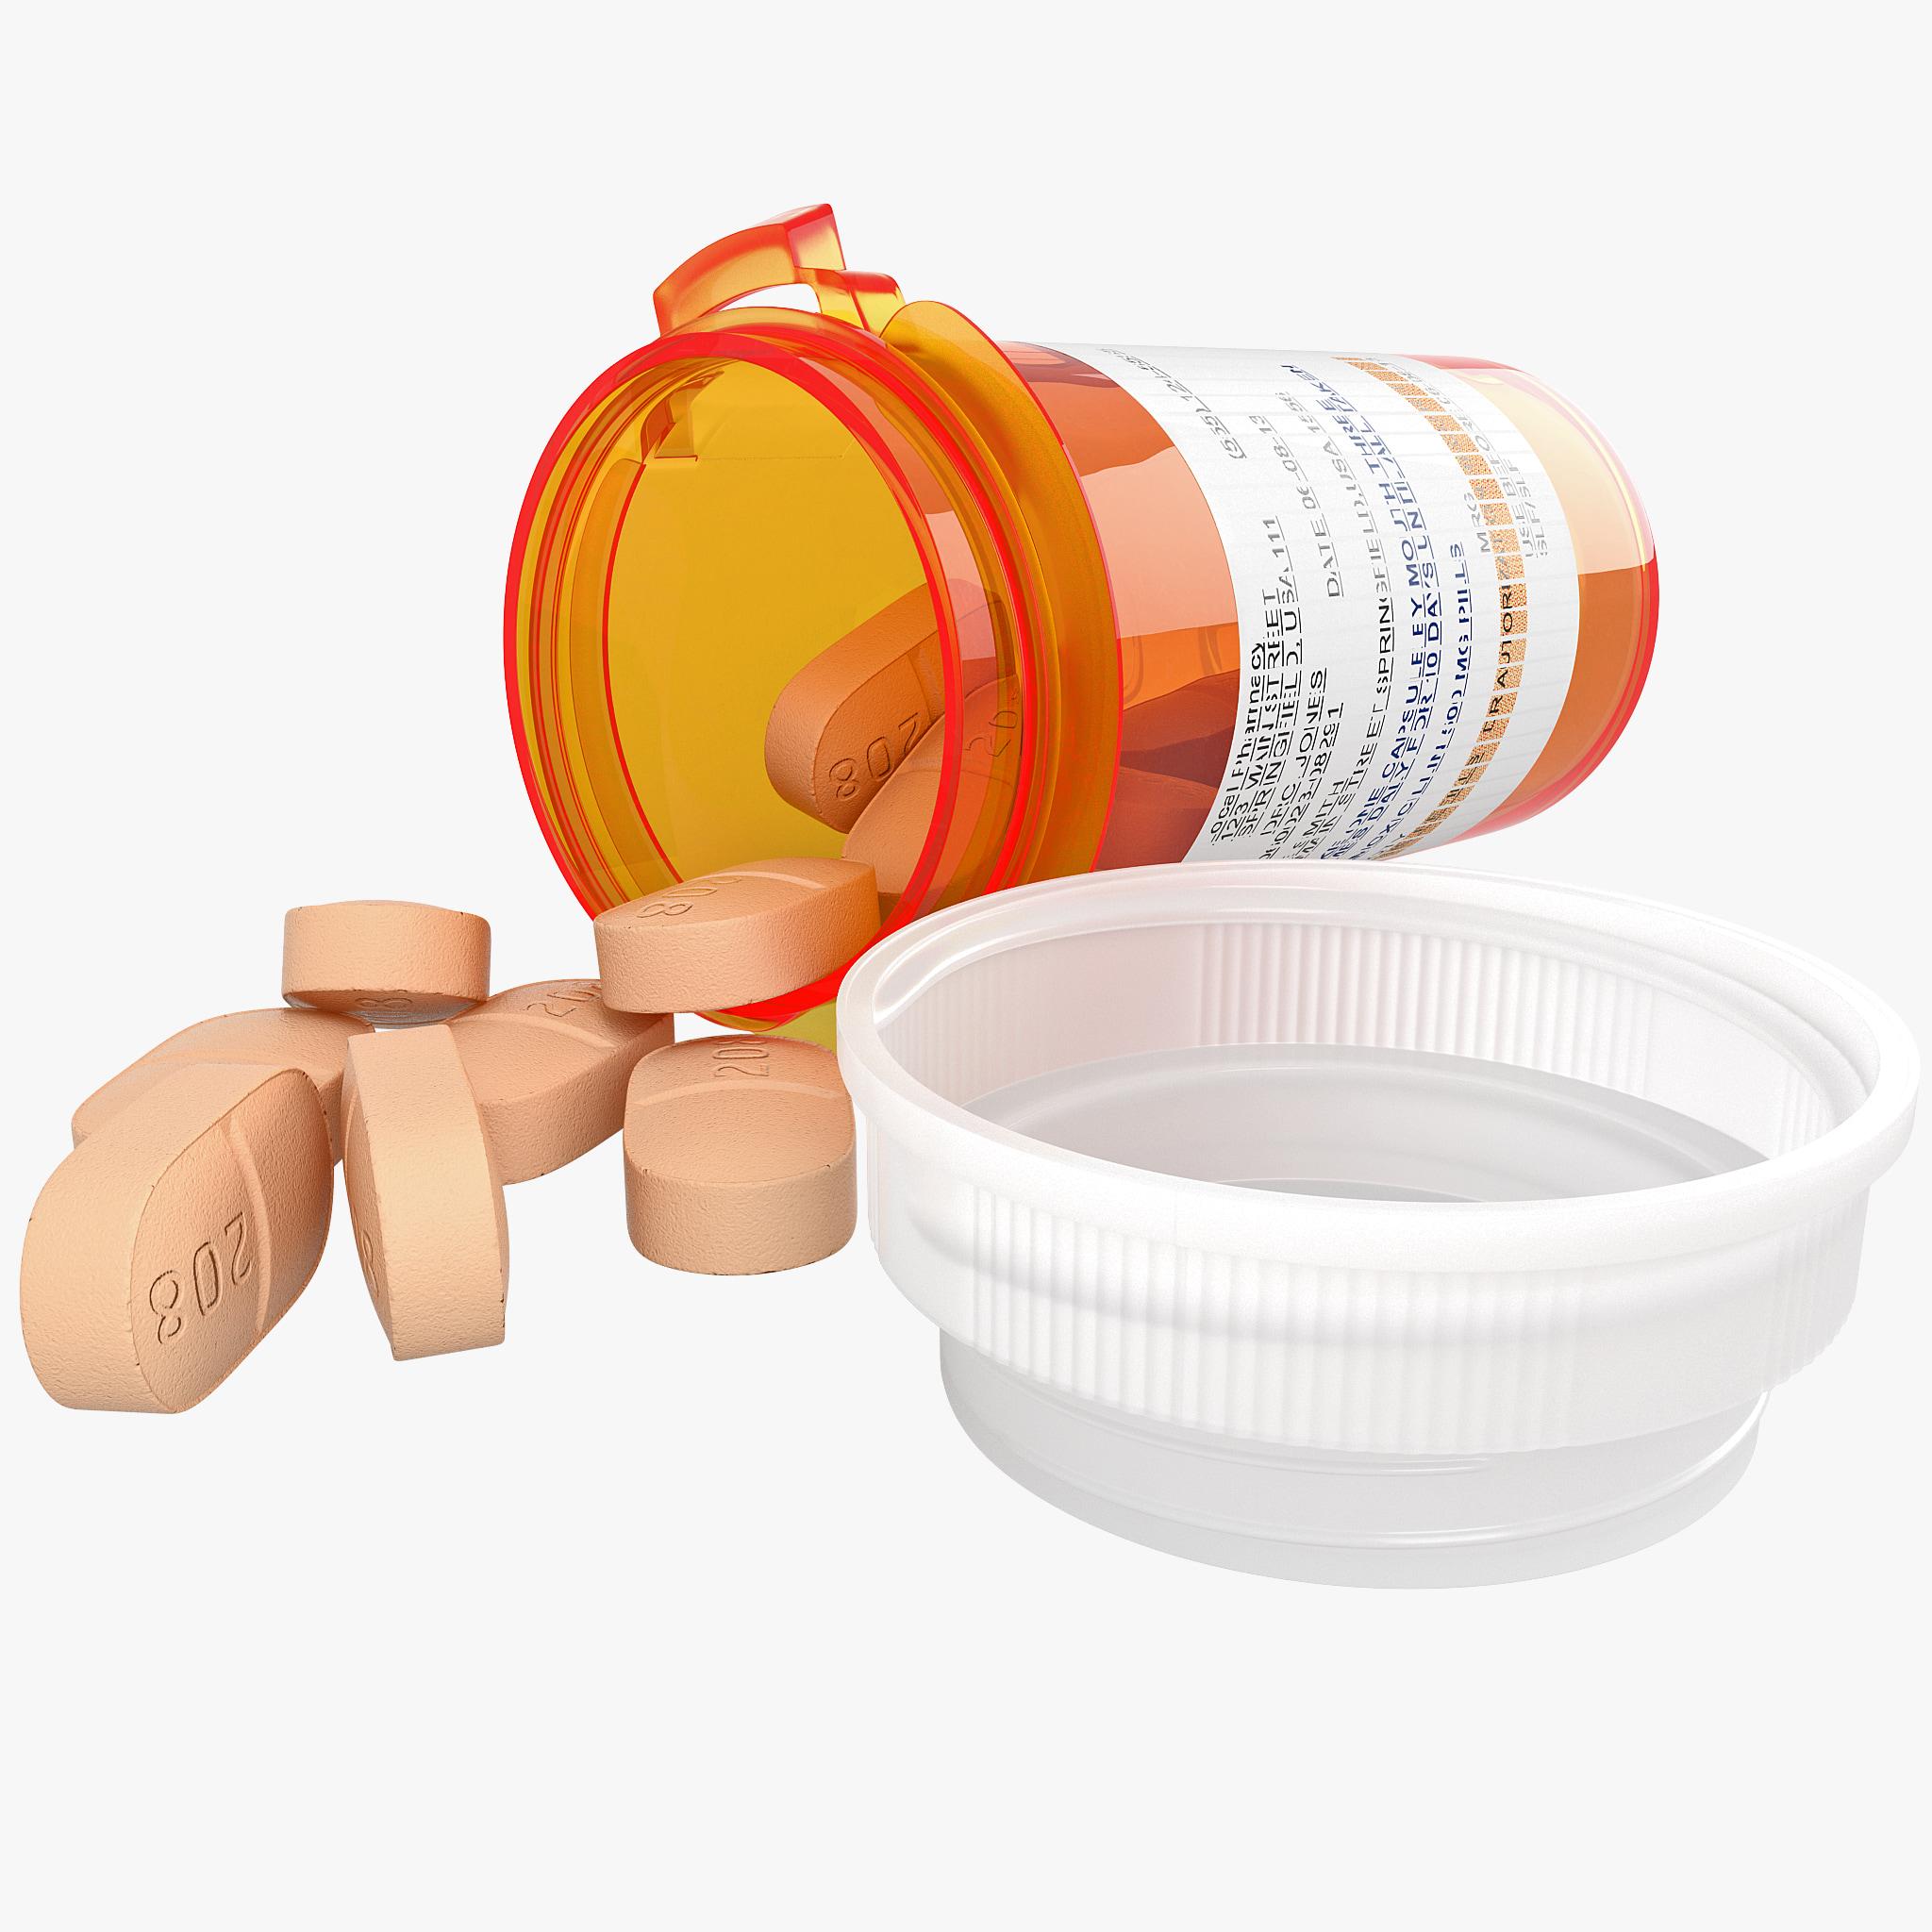 Pill Bottle and Pills_1.jpg